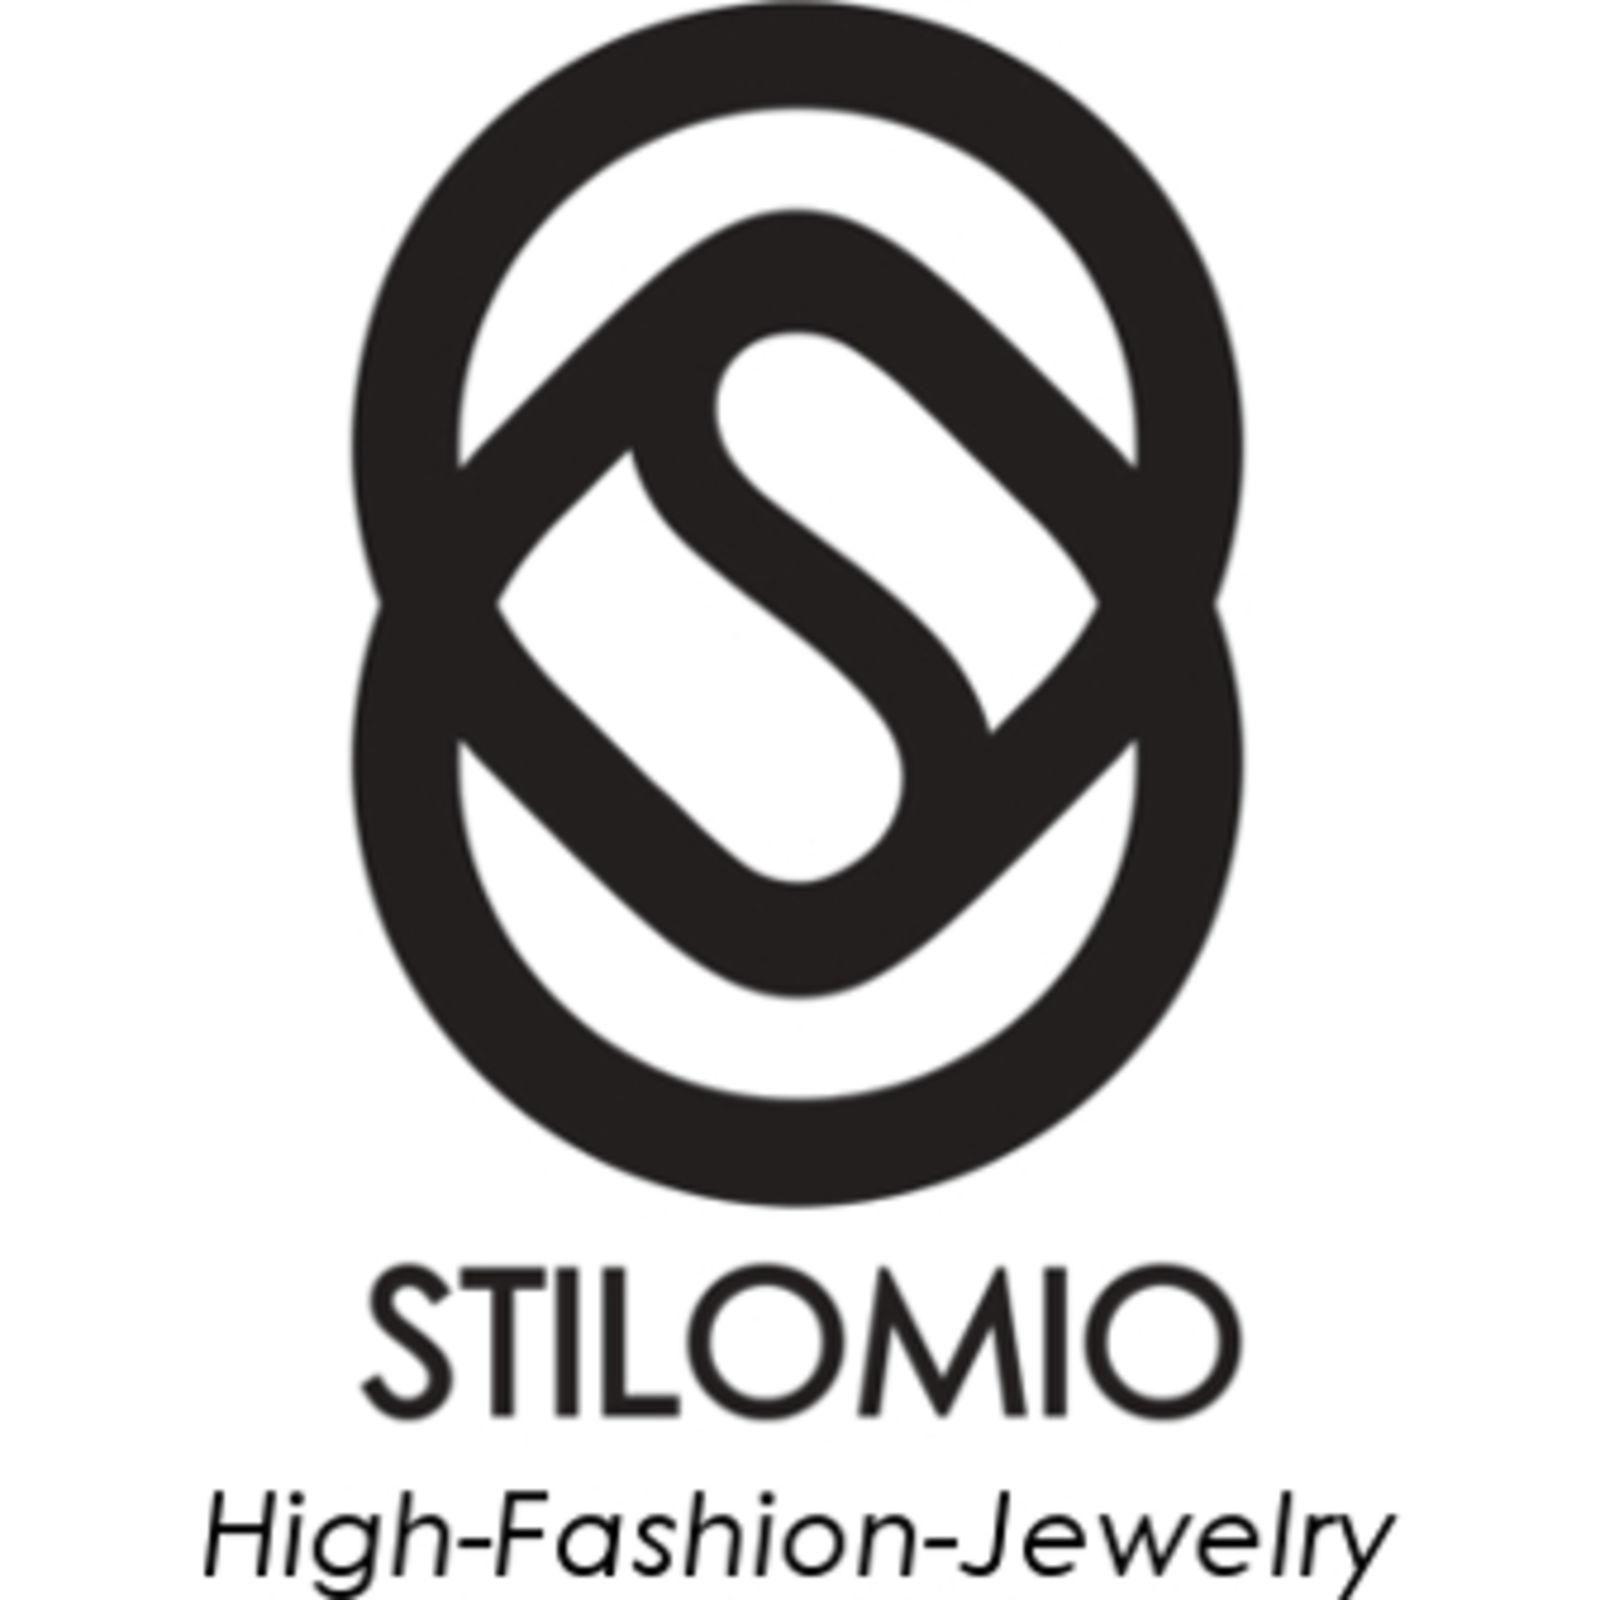 STILOMIO®